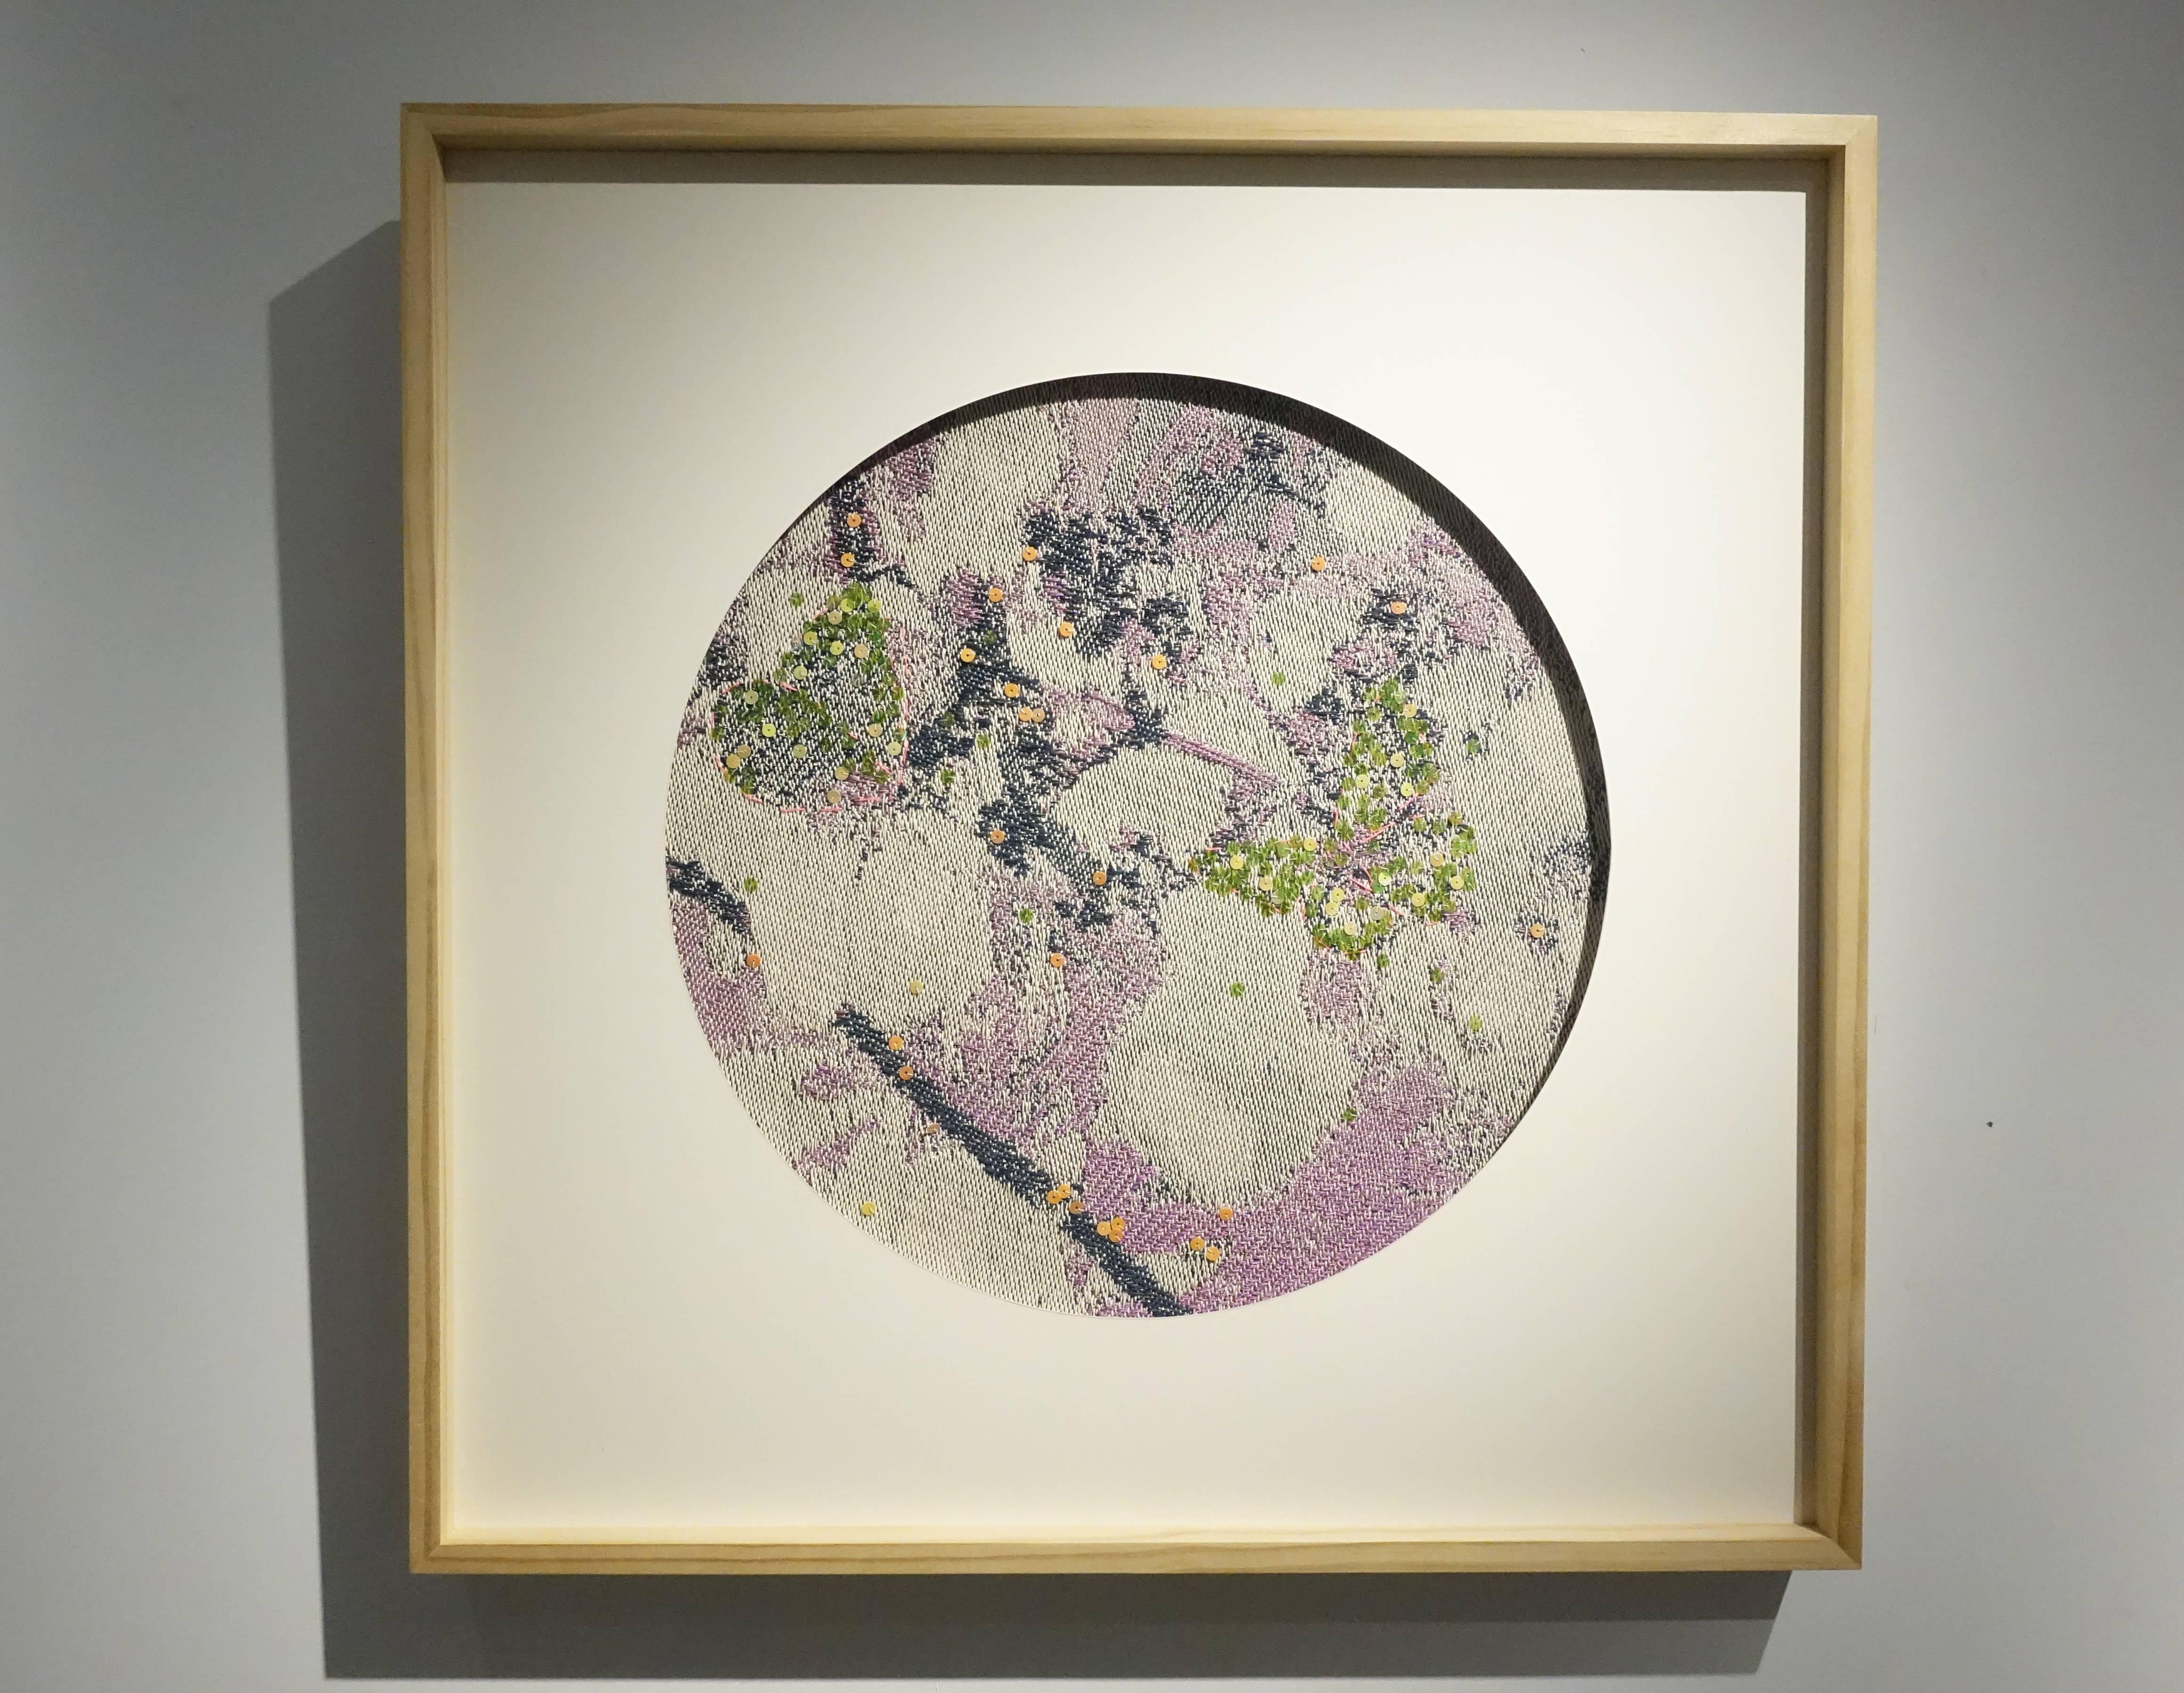 李偵綾,《尋花》,70 x 70 cm,棉、人造纖維、亮片,2017。